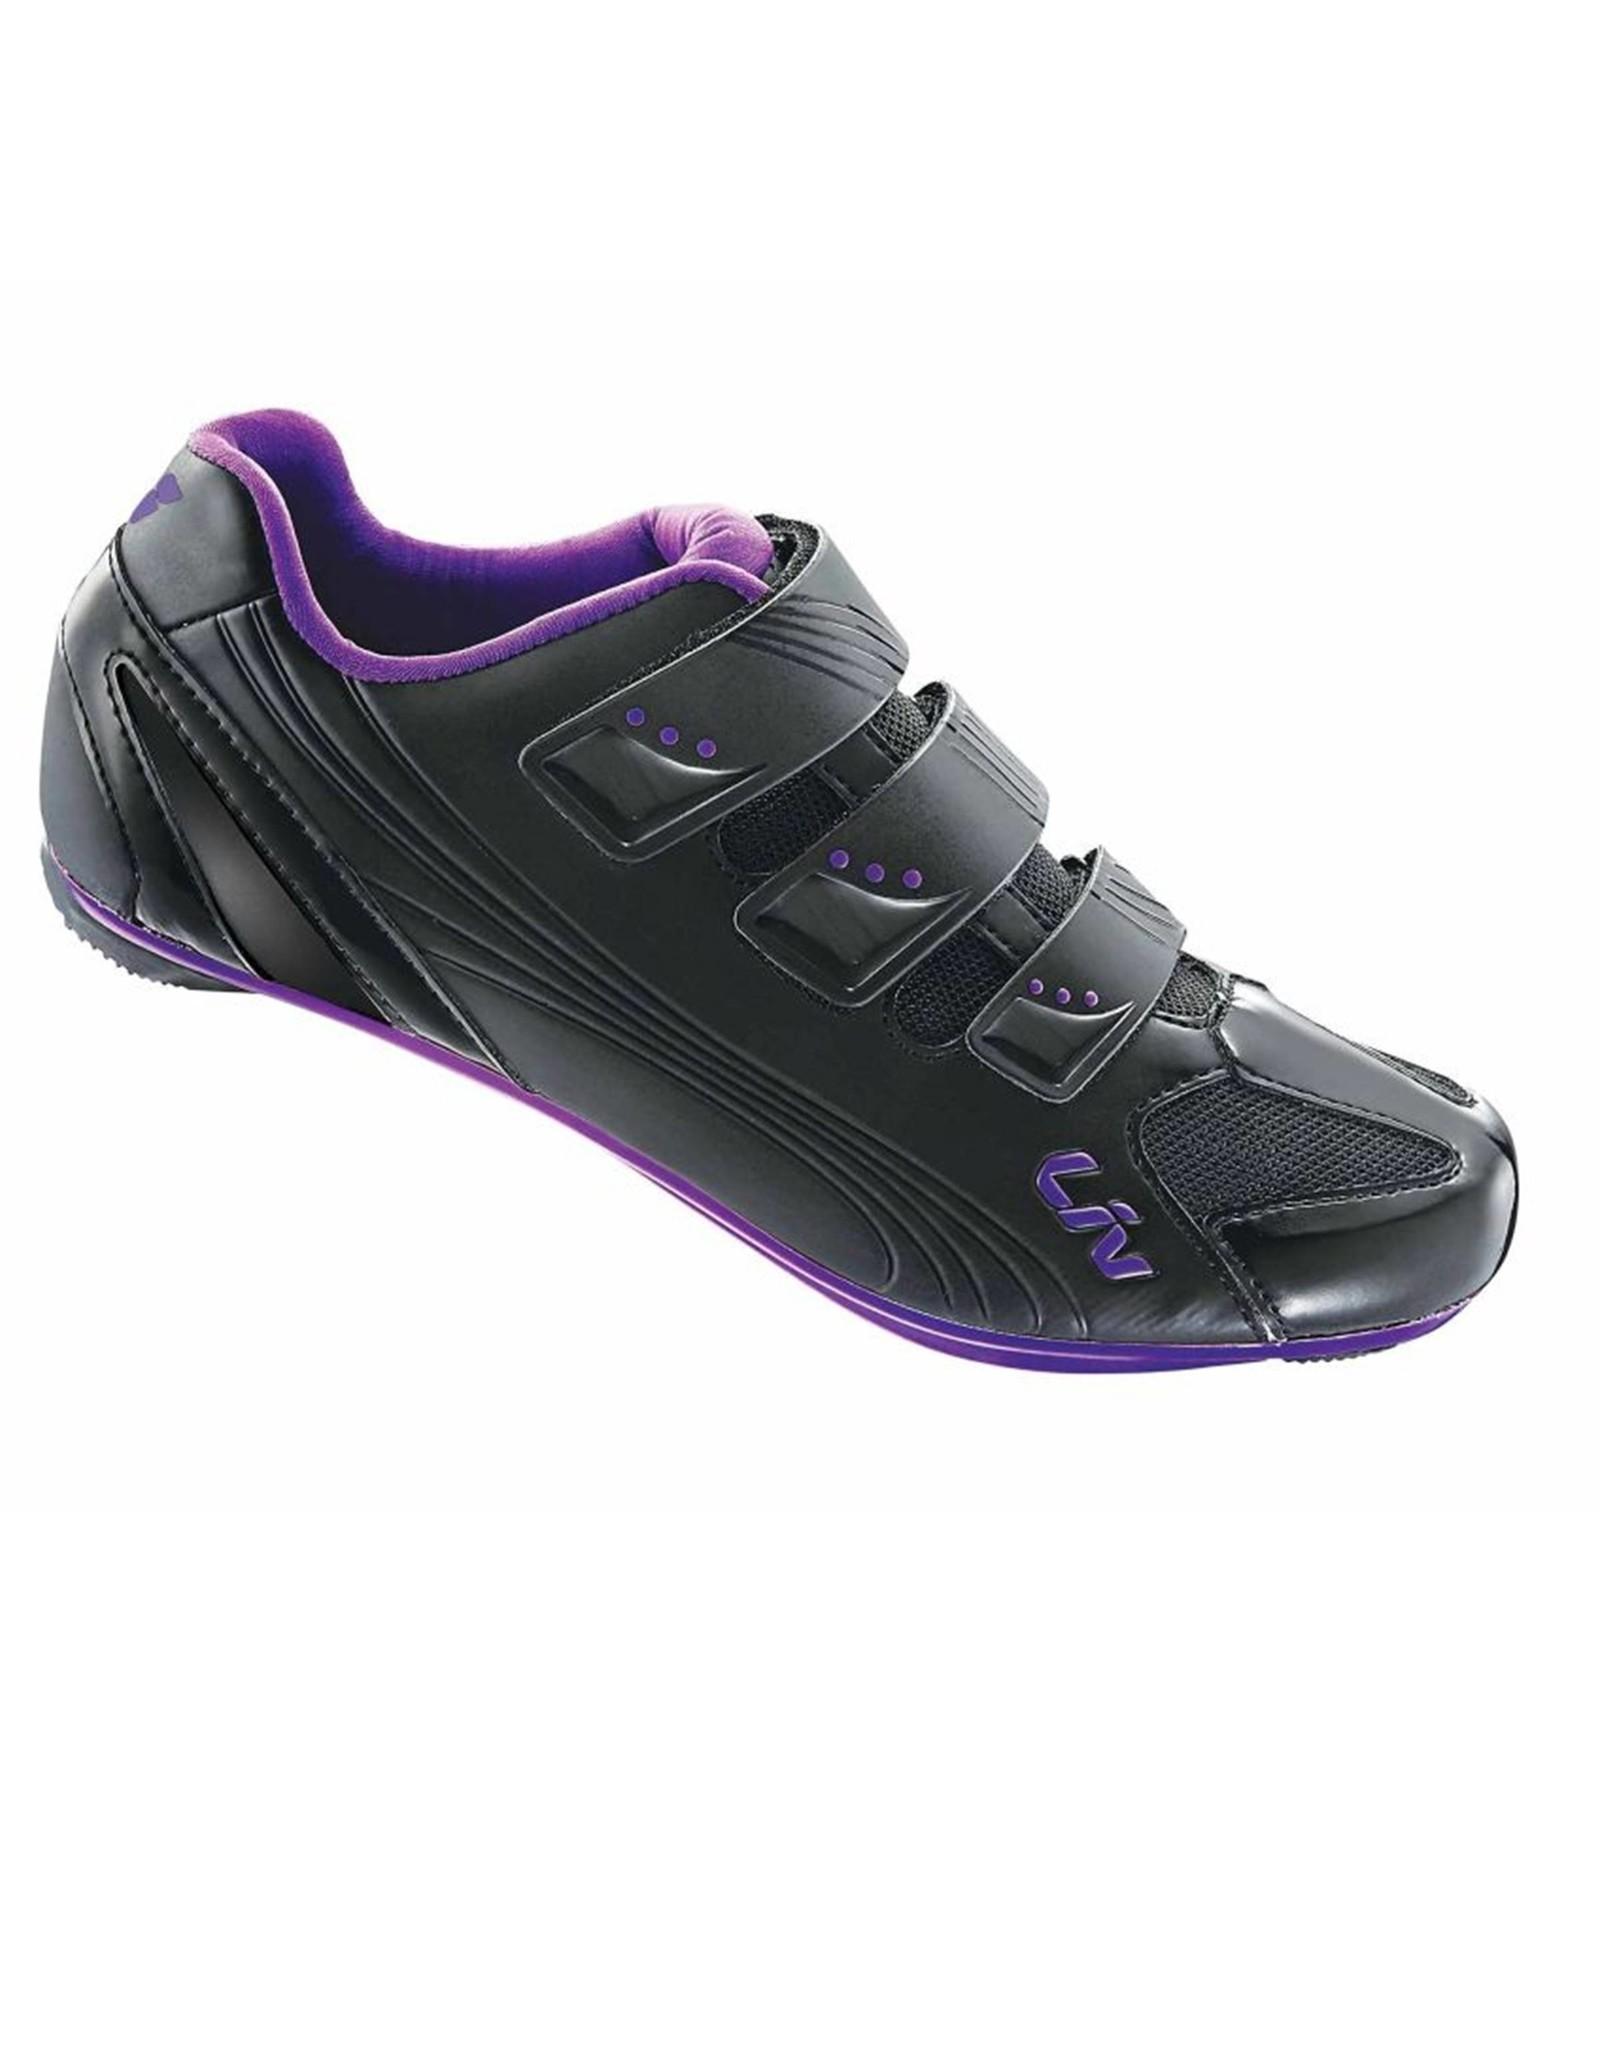 LIV LIV Regalo Womans Road Shoe Black